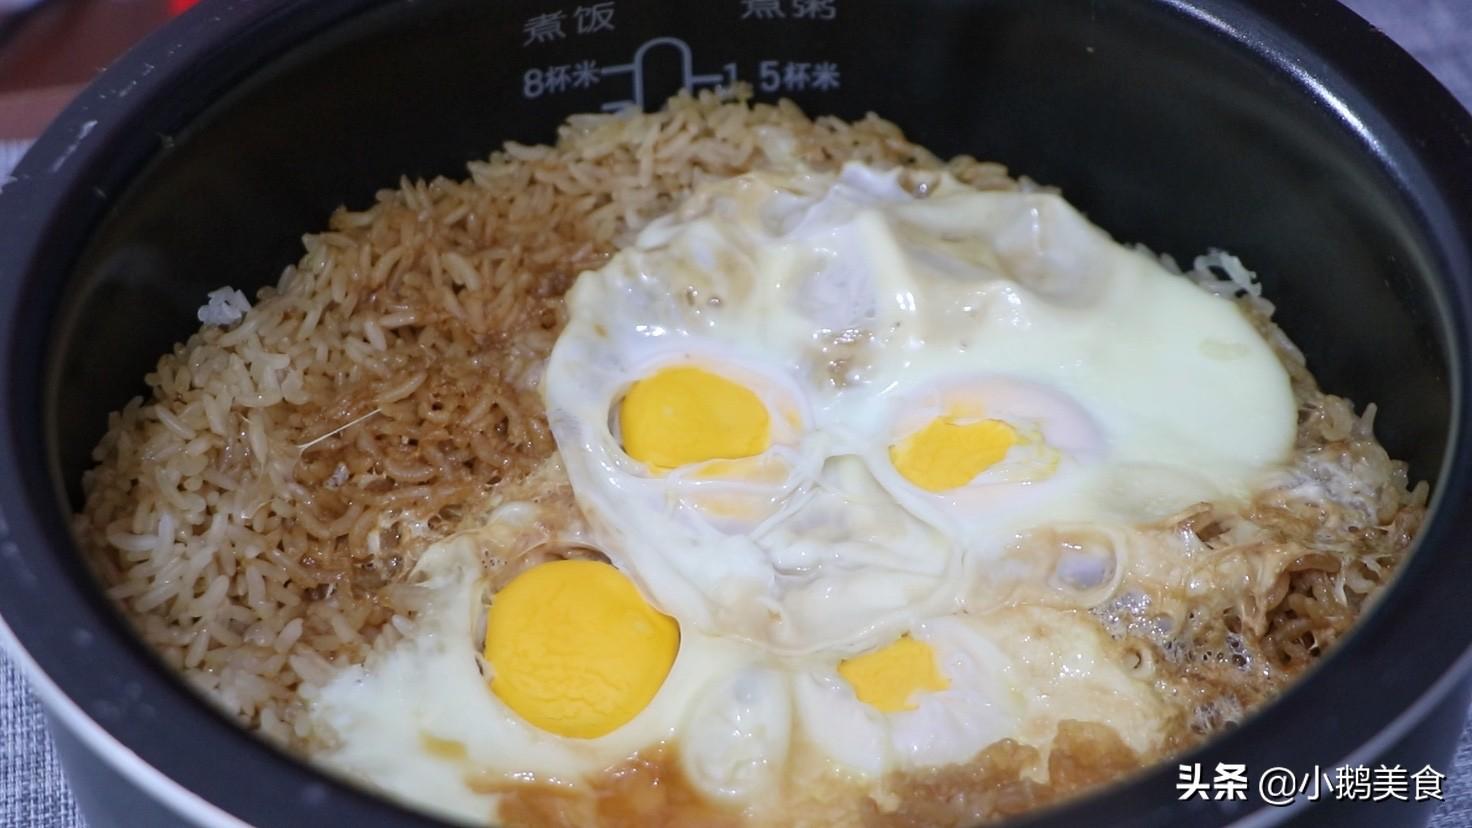 自从米饭学会这样煮,我家大米不够吃了,连挑食的孩子都抢着吃 美食做法 第7张